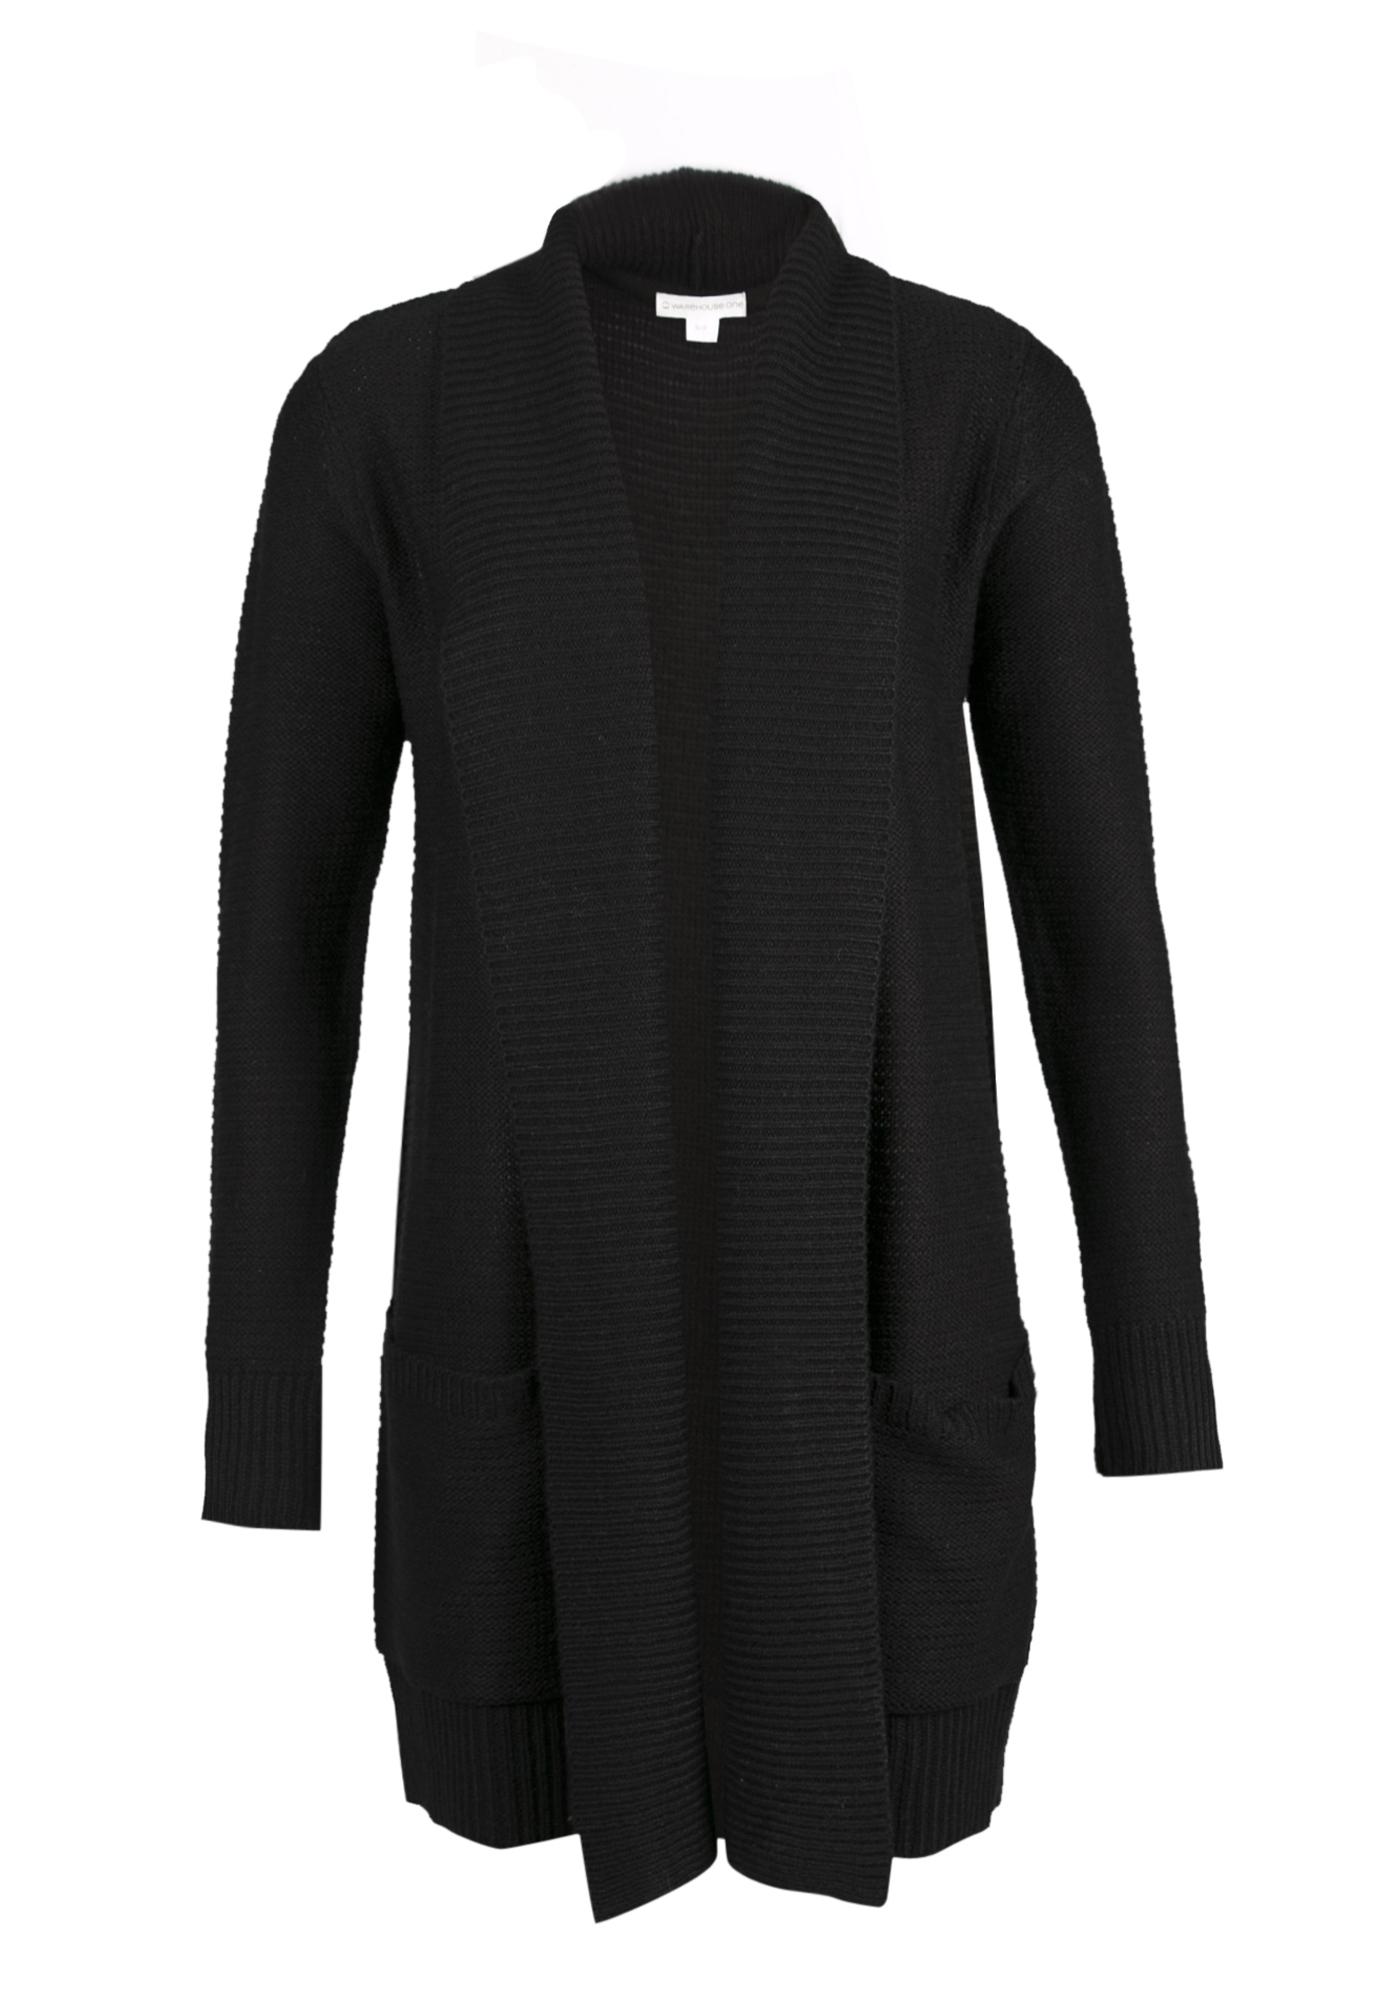 Ladies  Shawl Collar Open Cardigan  a63005a8b